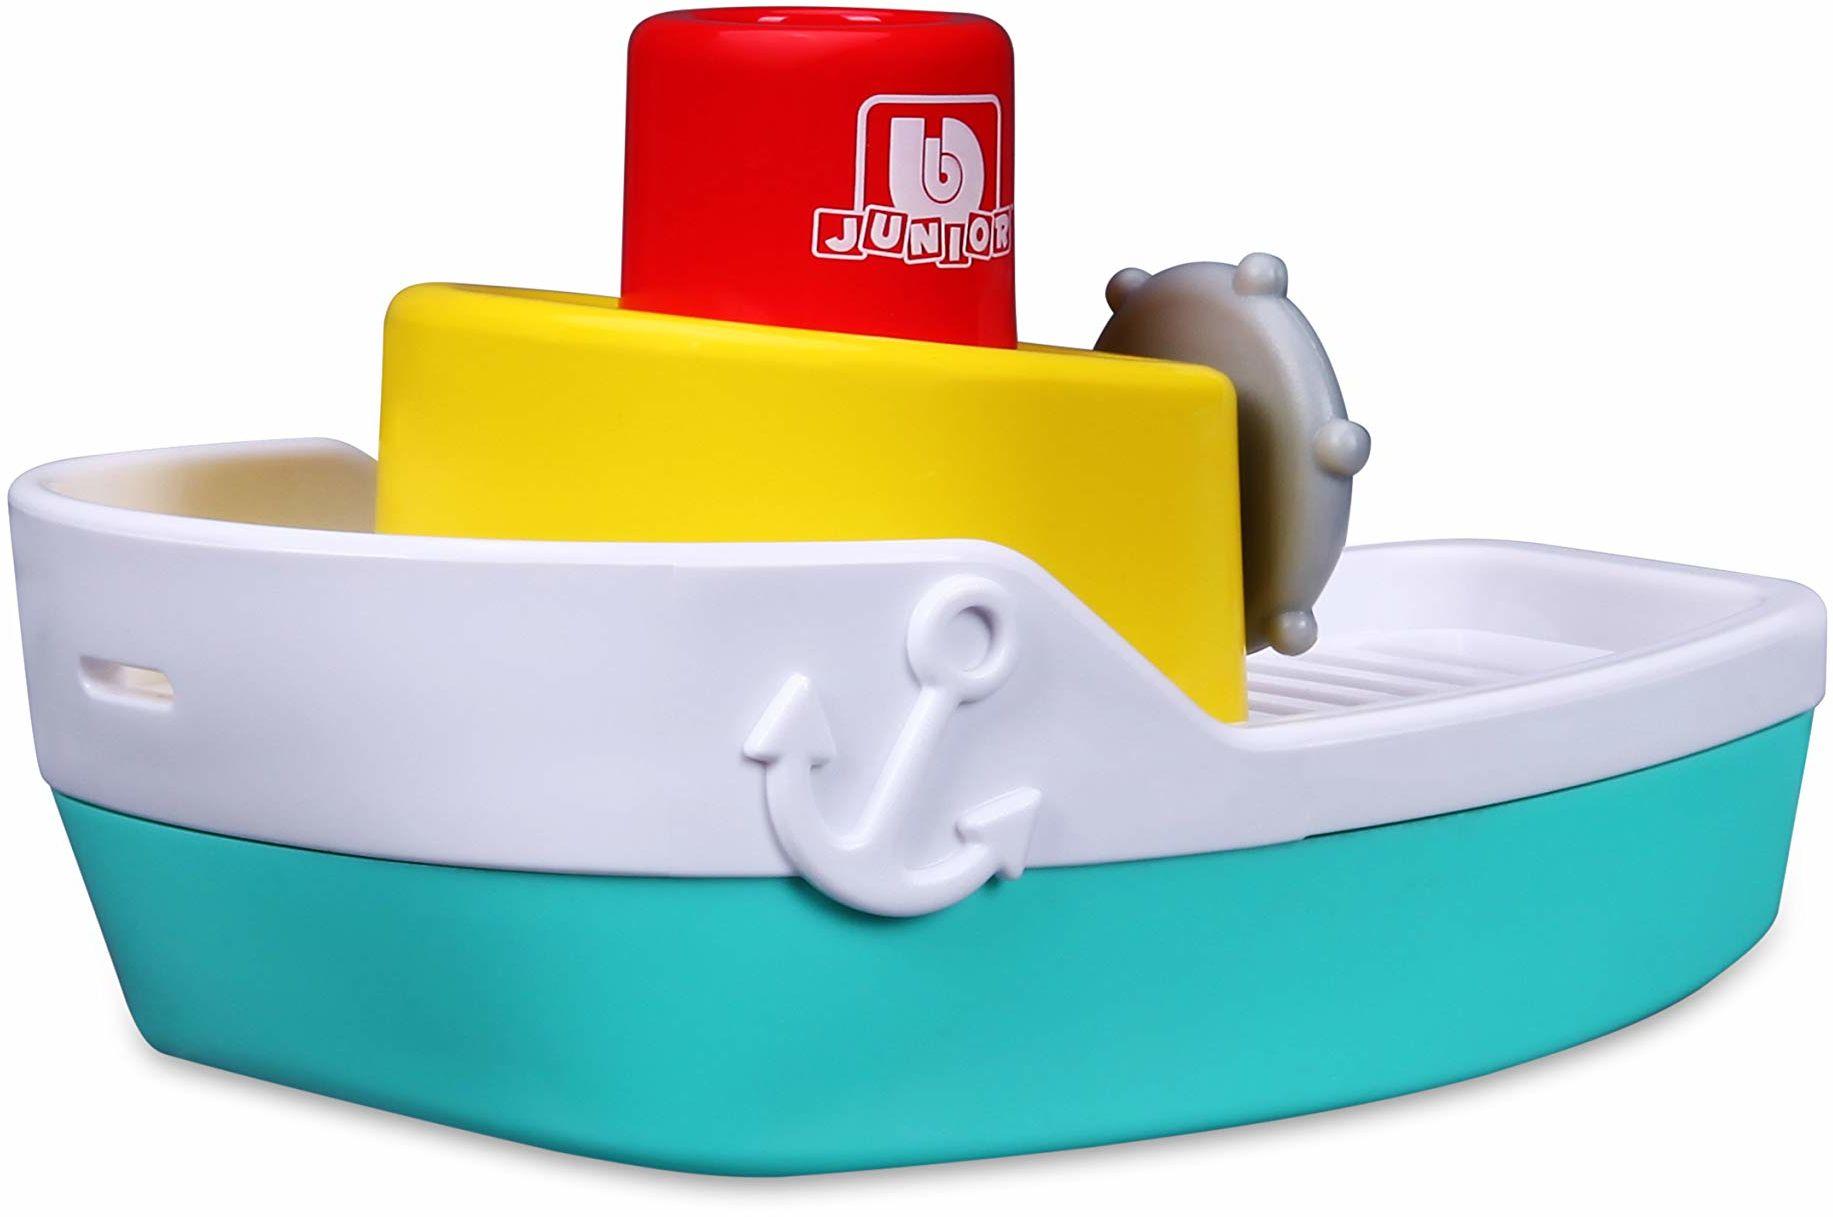 Bauer Spielwaren 16-89003 Spraying Tugboat łódź zabawkowa z funkcją spryskiwania wody, niebieski